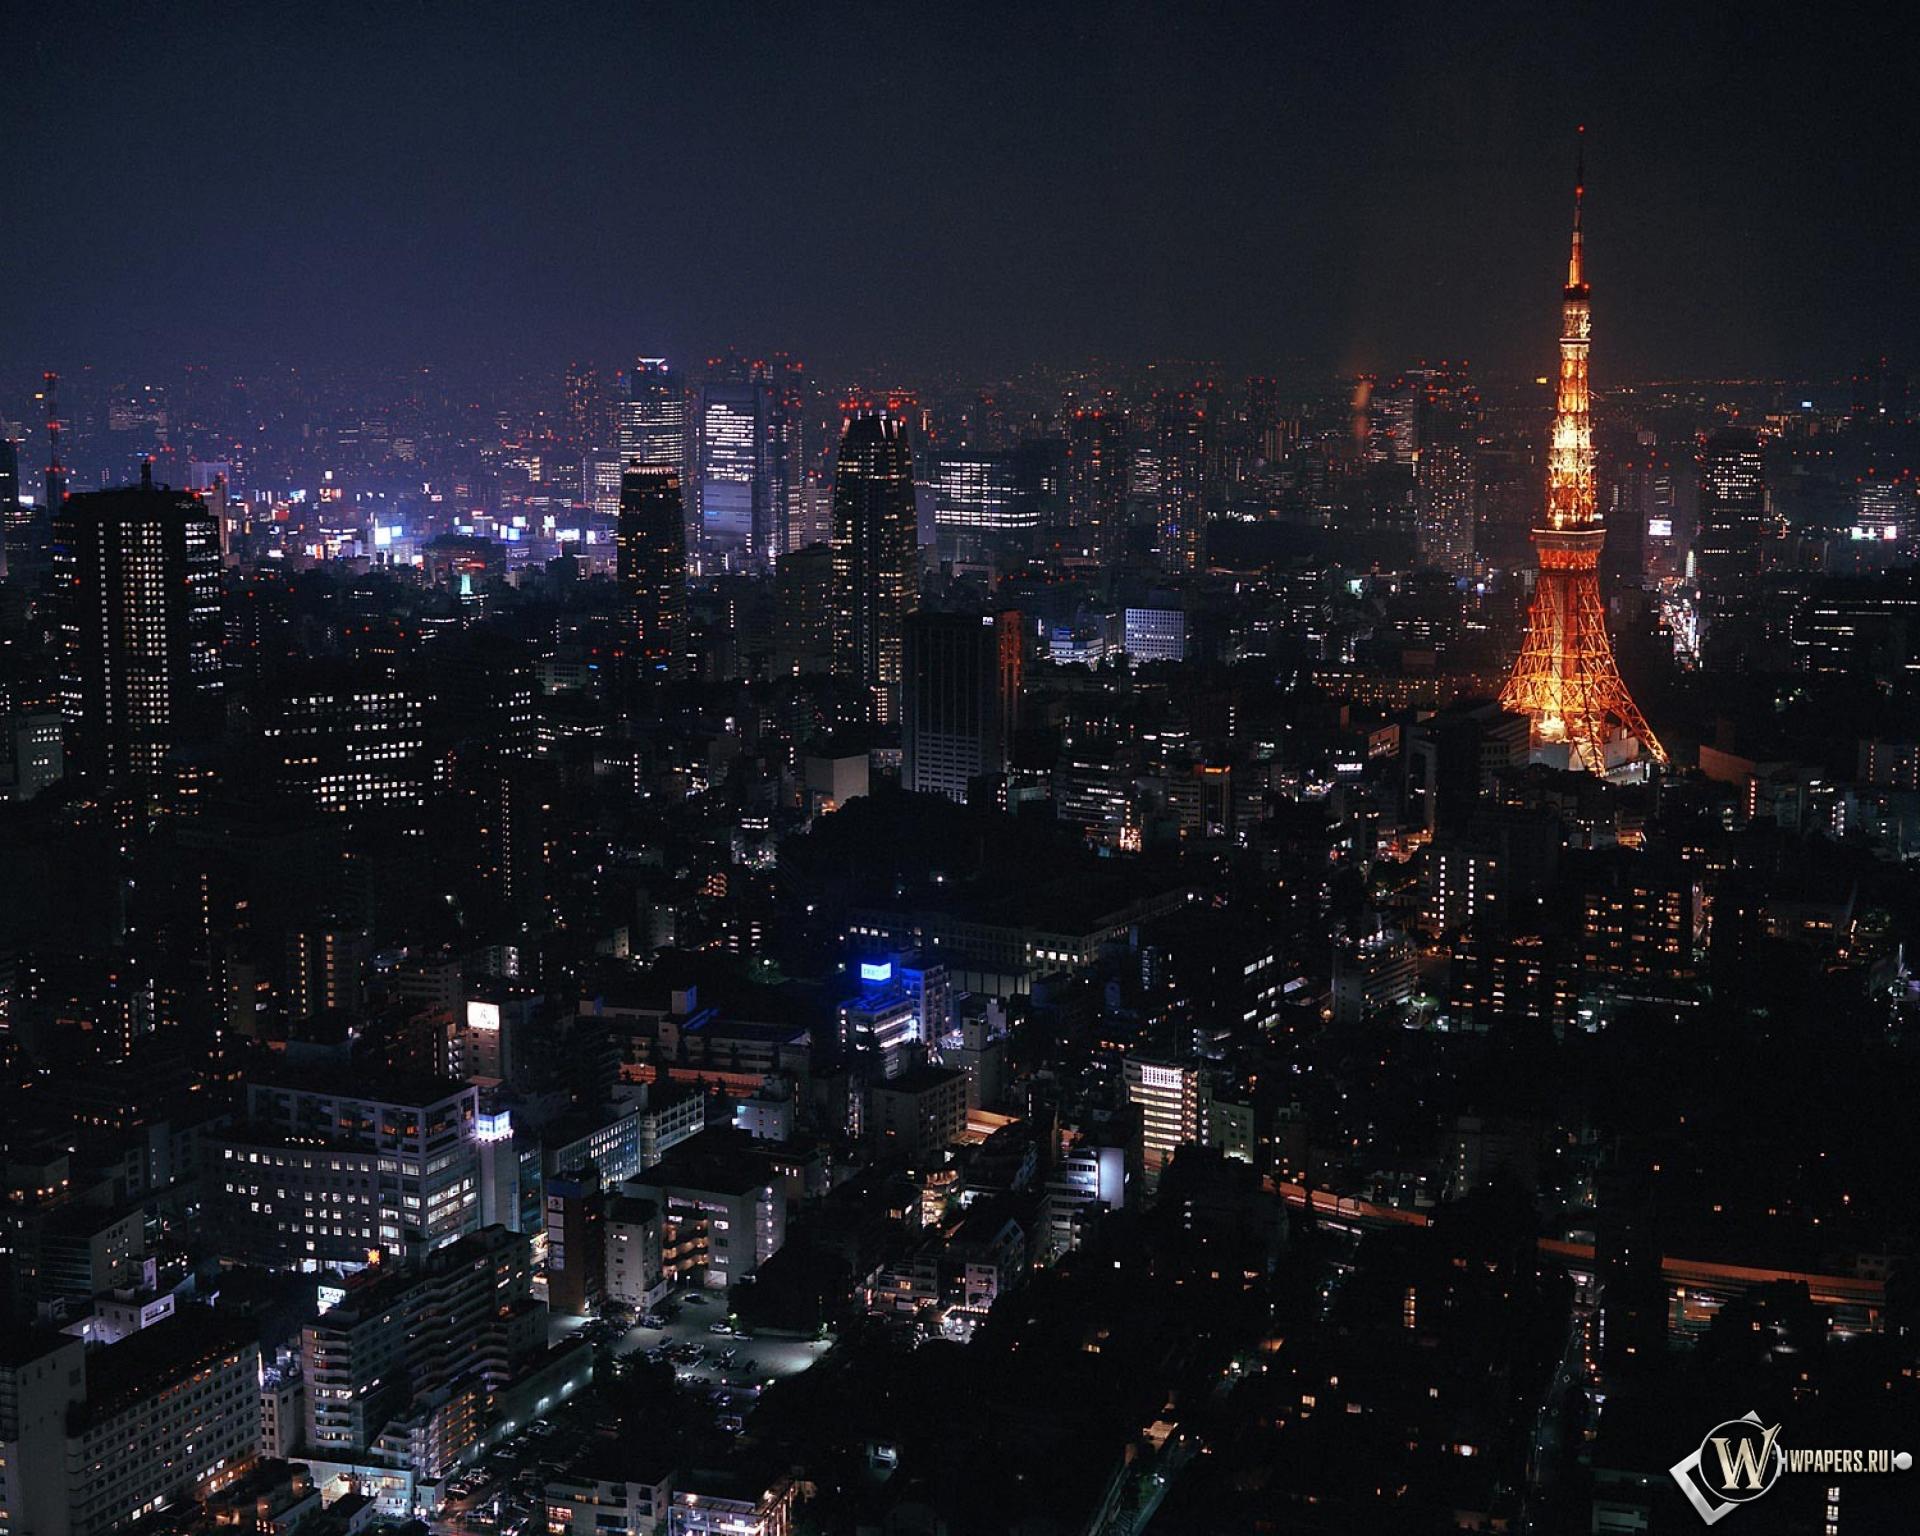 Токио ночью 1920x1536